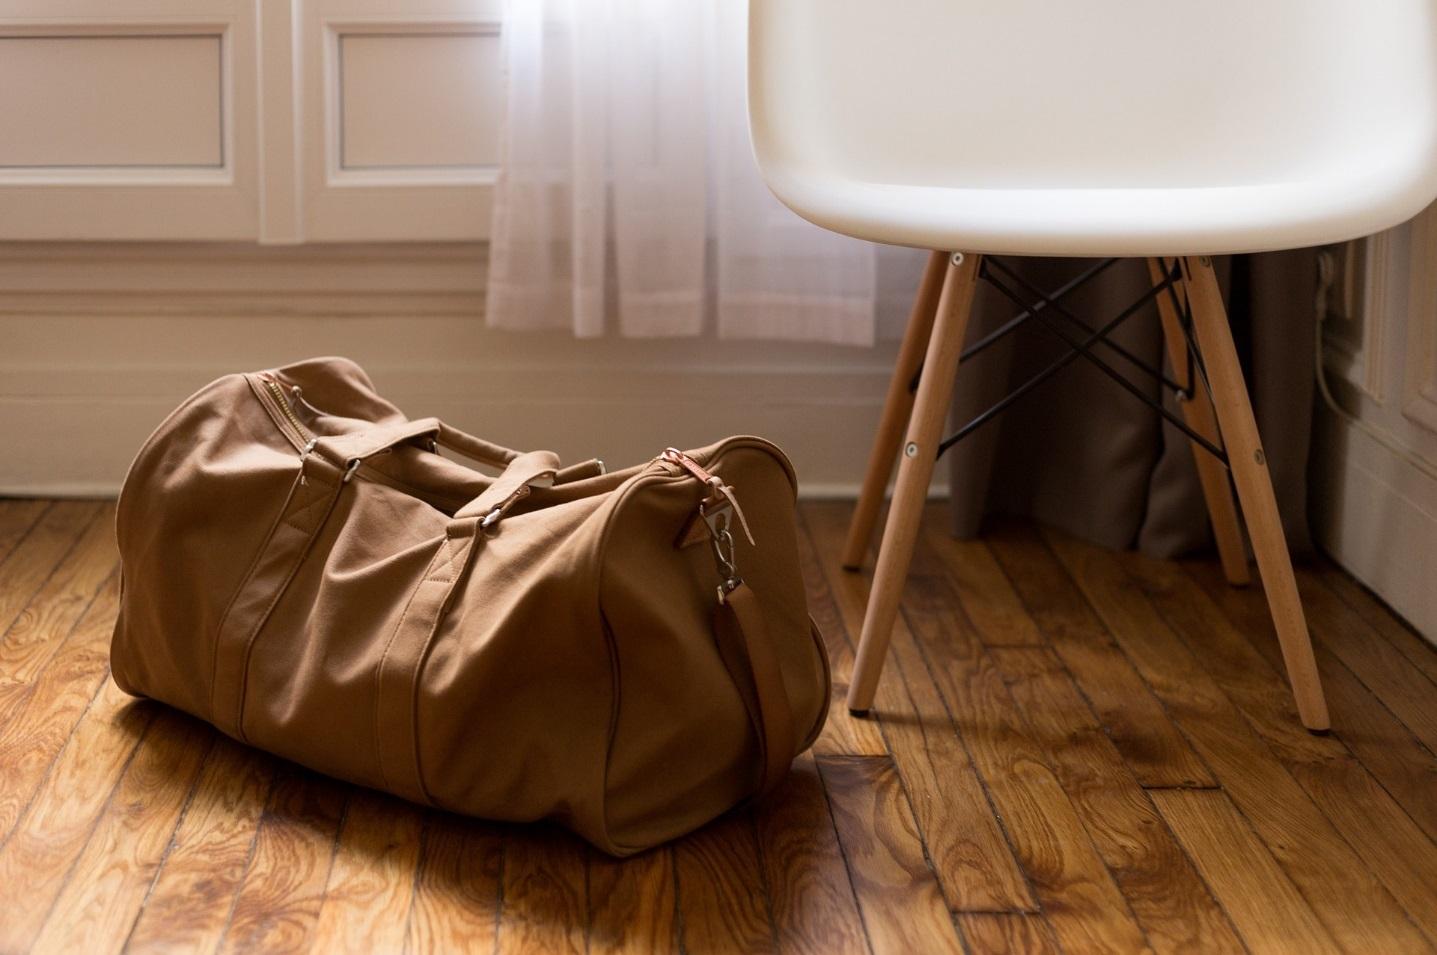 Braune Reisetasche neben Stuhl.